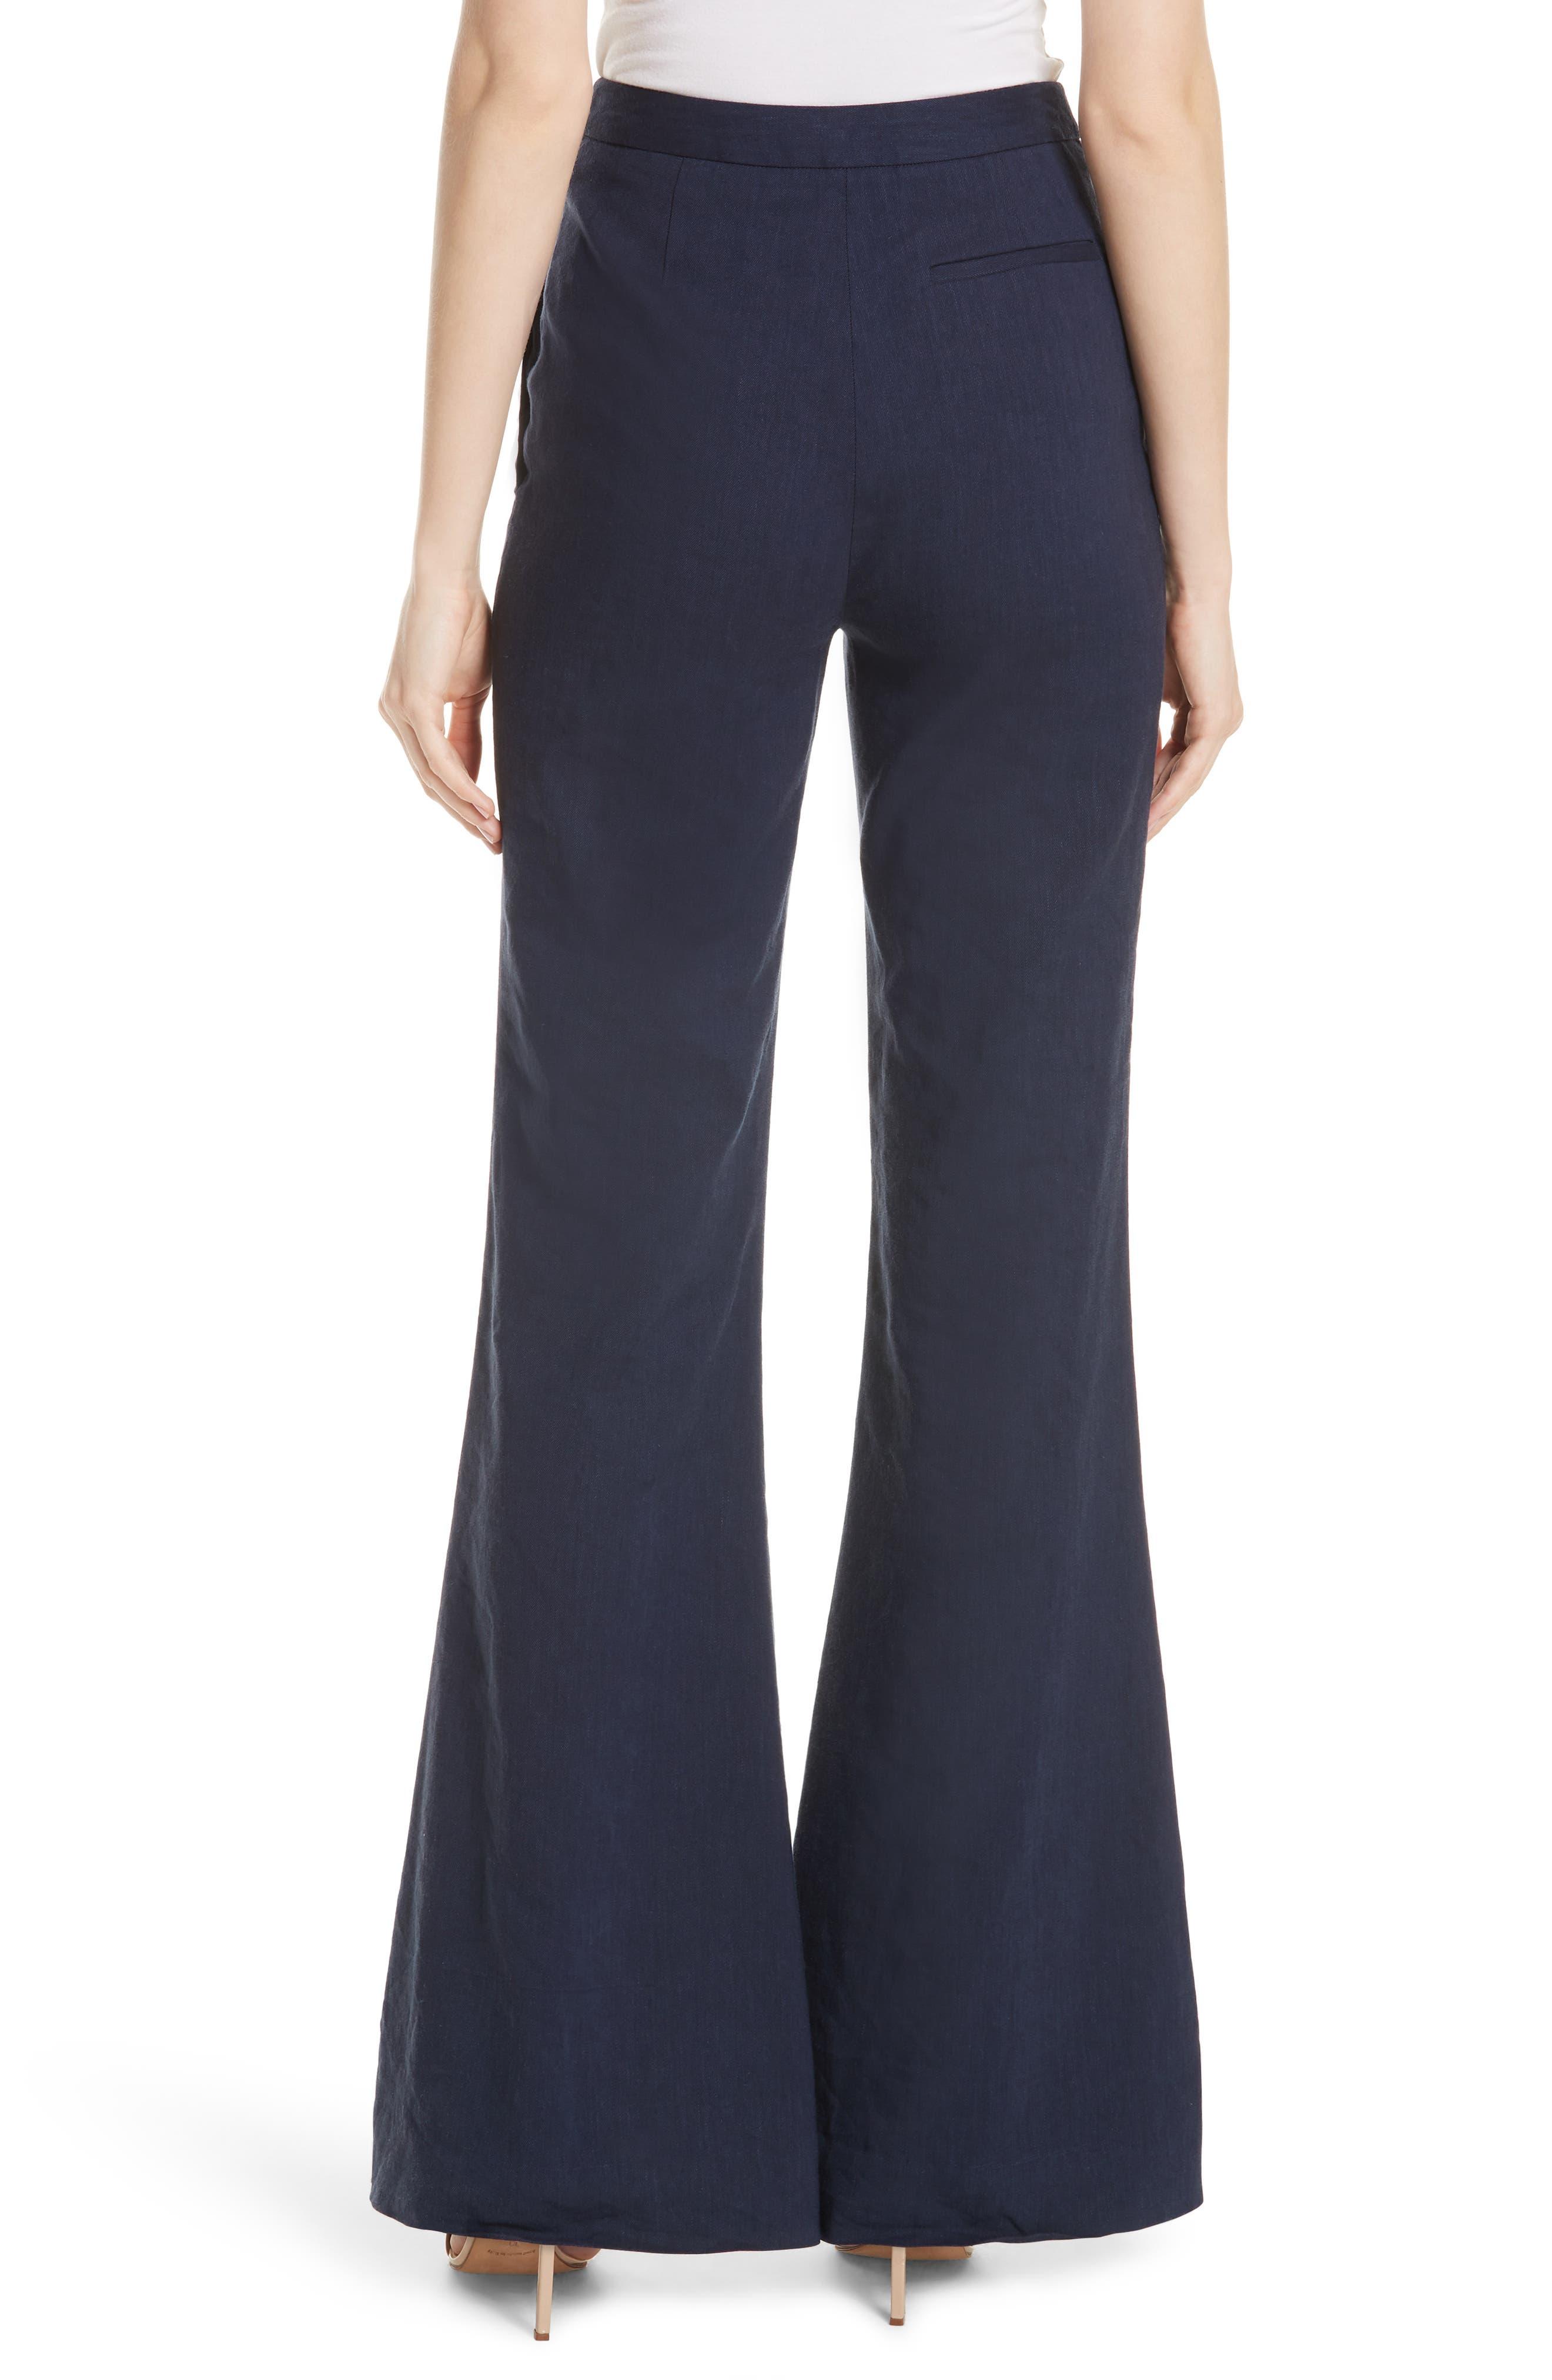 Diane von Furstenberg Pleat Front Flare Stretch Linen Blend Pants,                             Alternate thumbnail 2, color,                             485